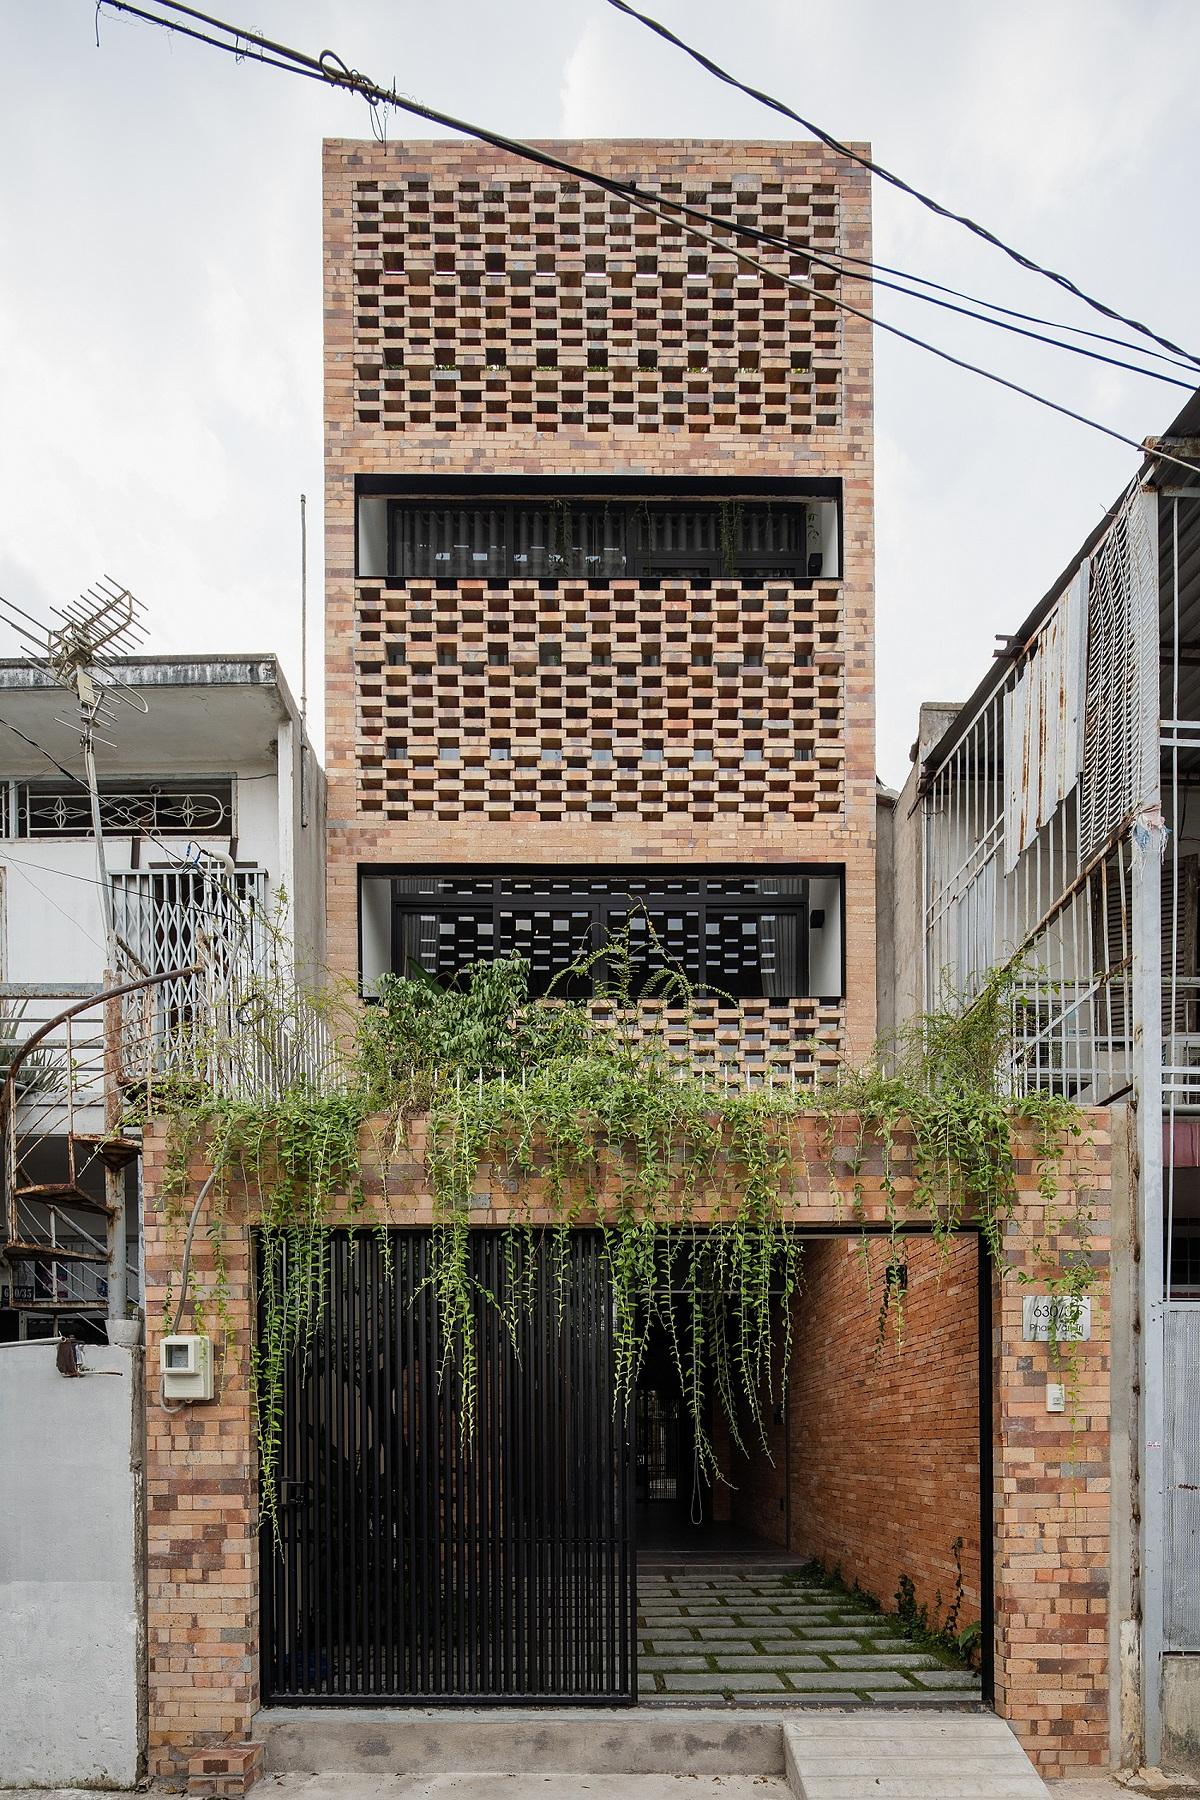 Mặt tiền công trình gây ấn tượng với lớp vỏ bằng gạch mộc kết hợp cây xanh. Ảnh: Quang Trần.